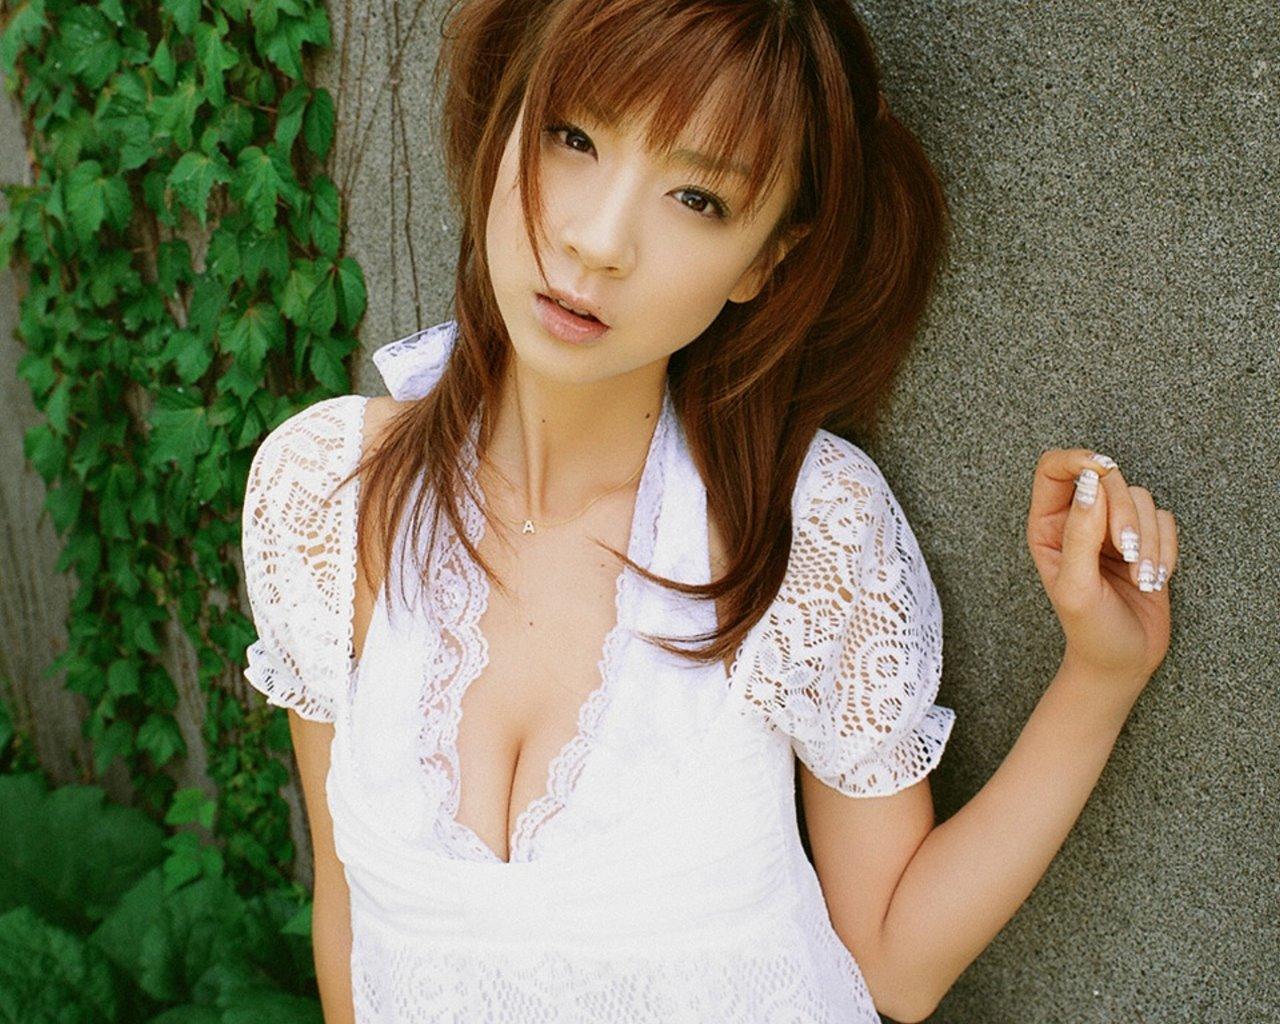 星野亚纪 Hoshino Aki (2)_我爱桌面网提供